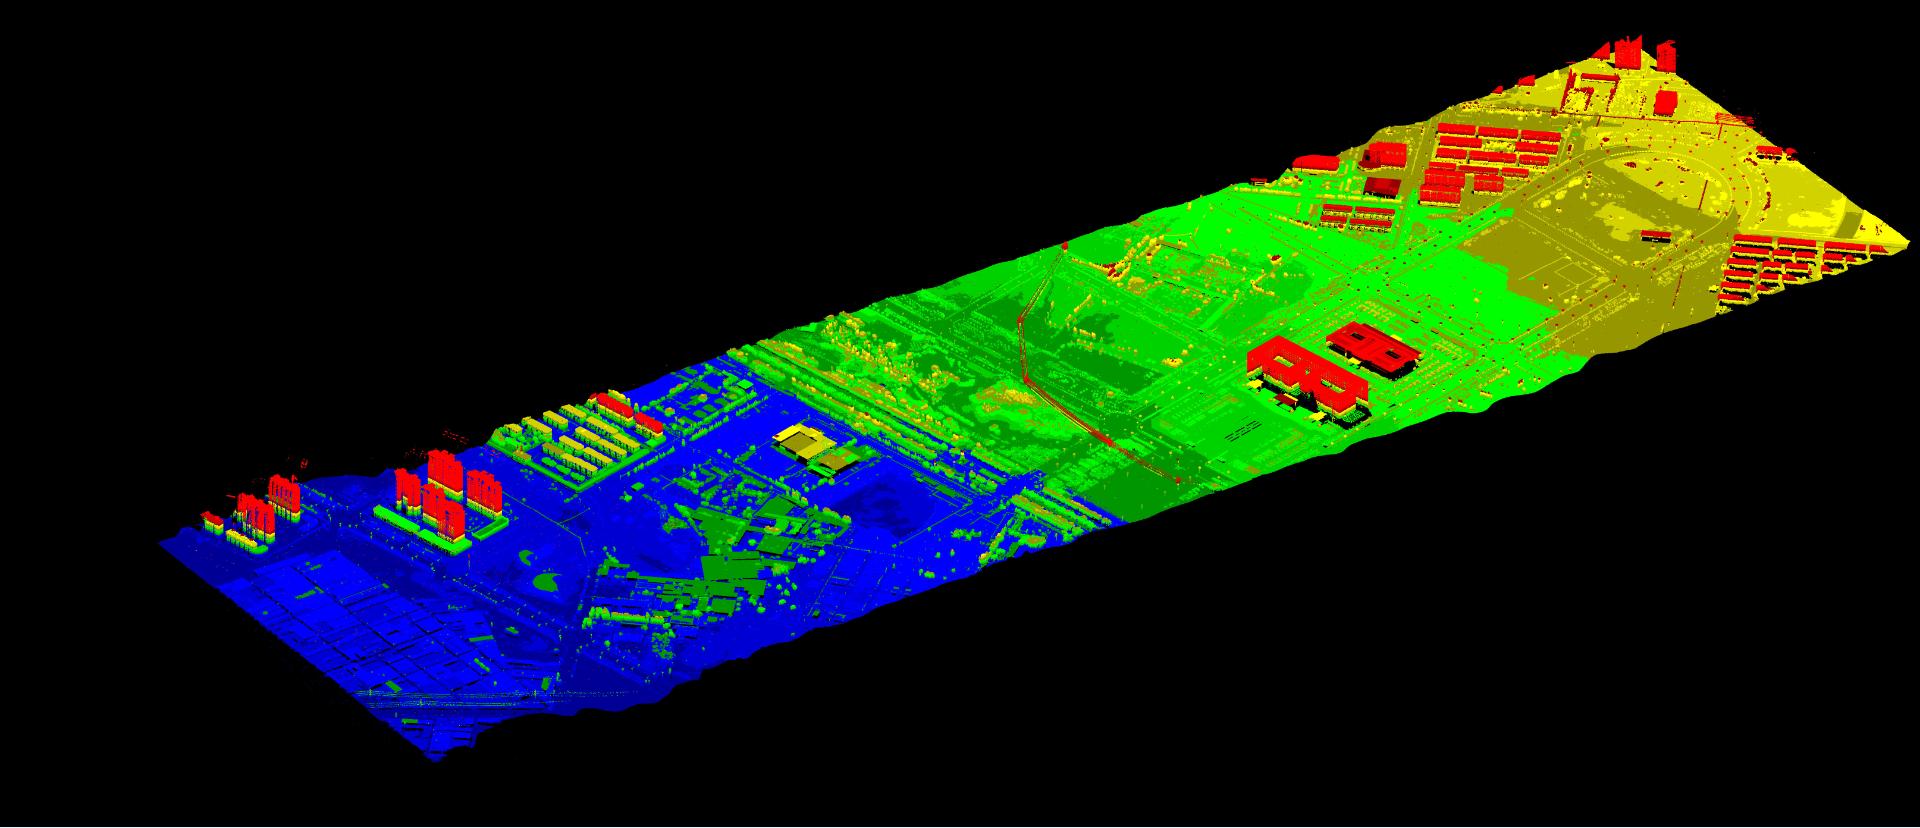 为什么机载激光雷达(Lidar)测量技术能够应用在铁路项目的勘测中